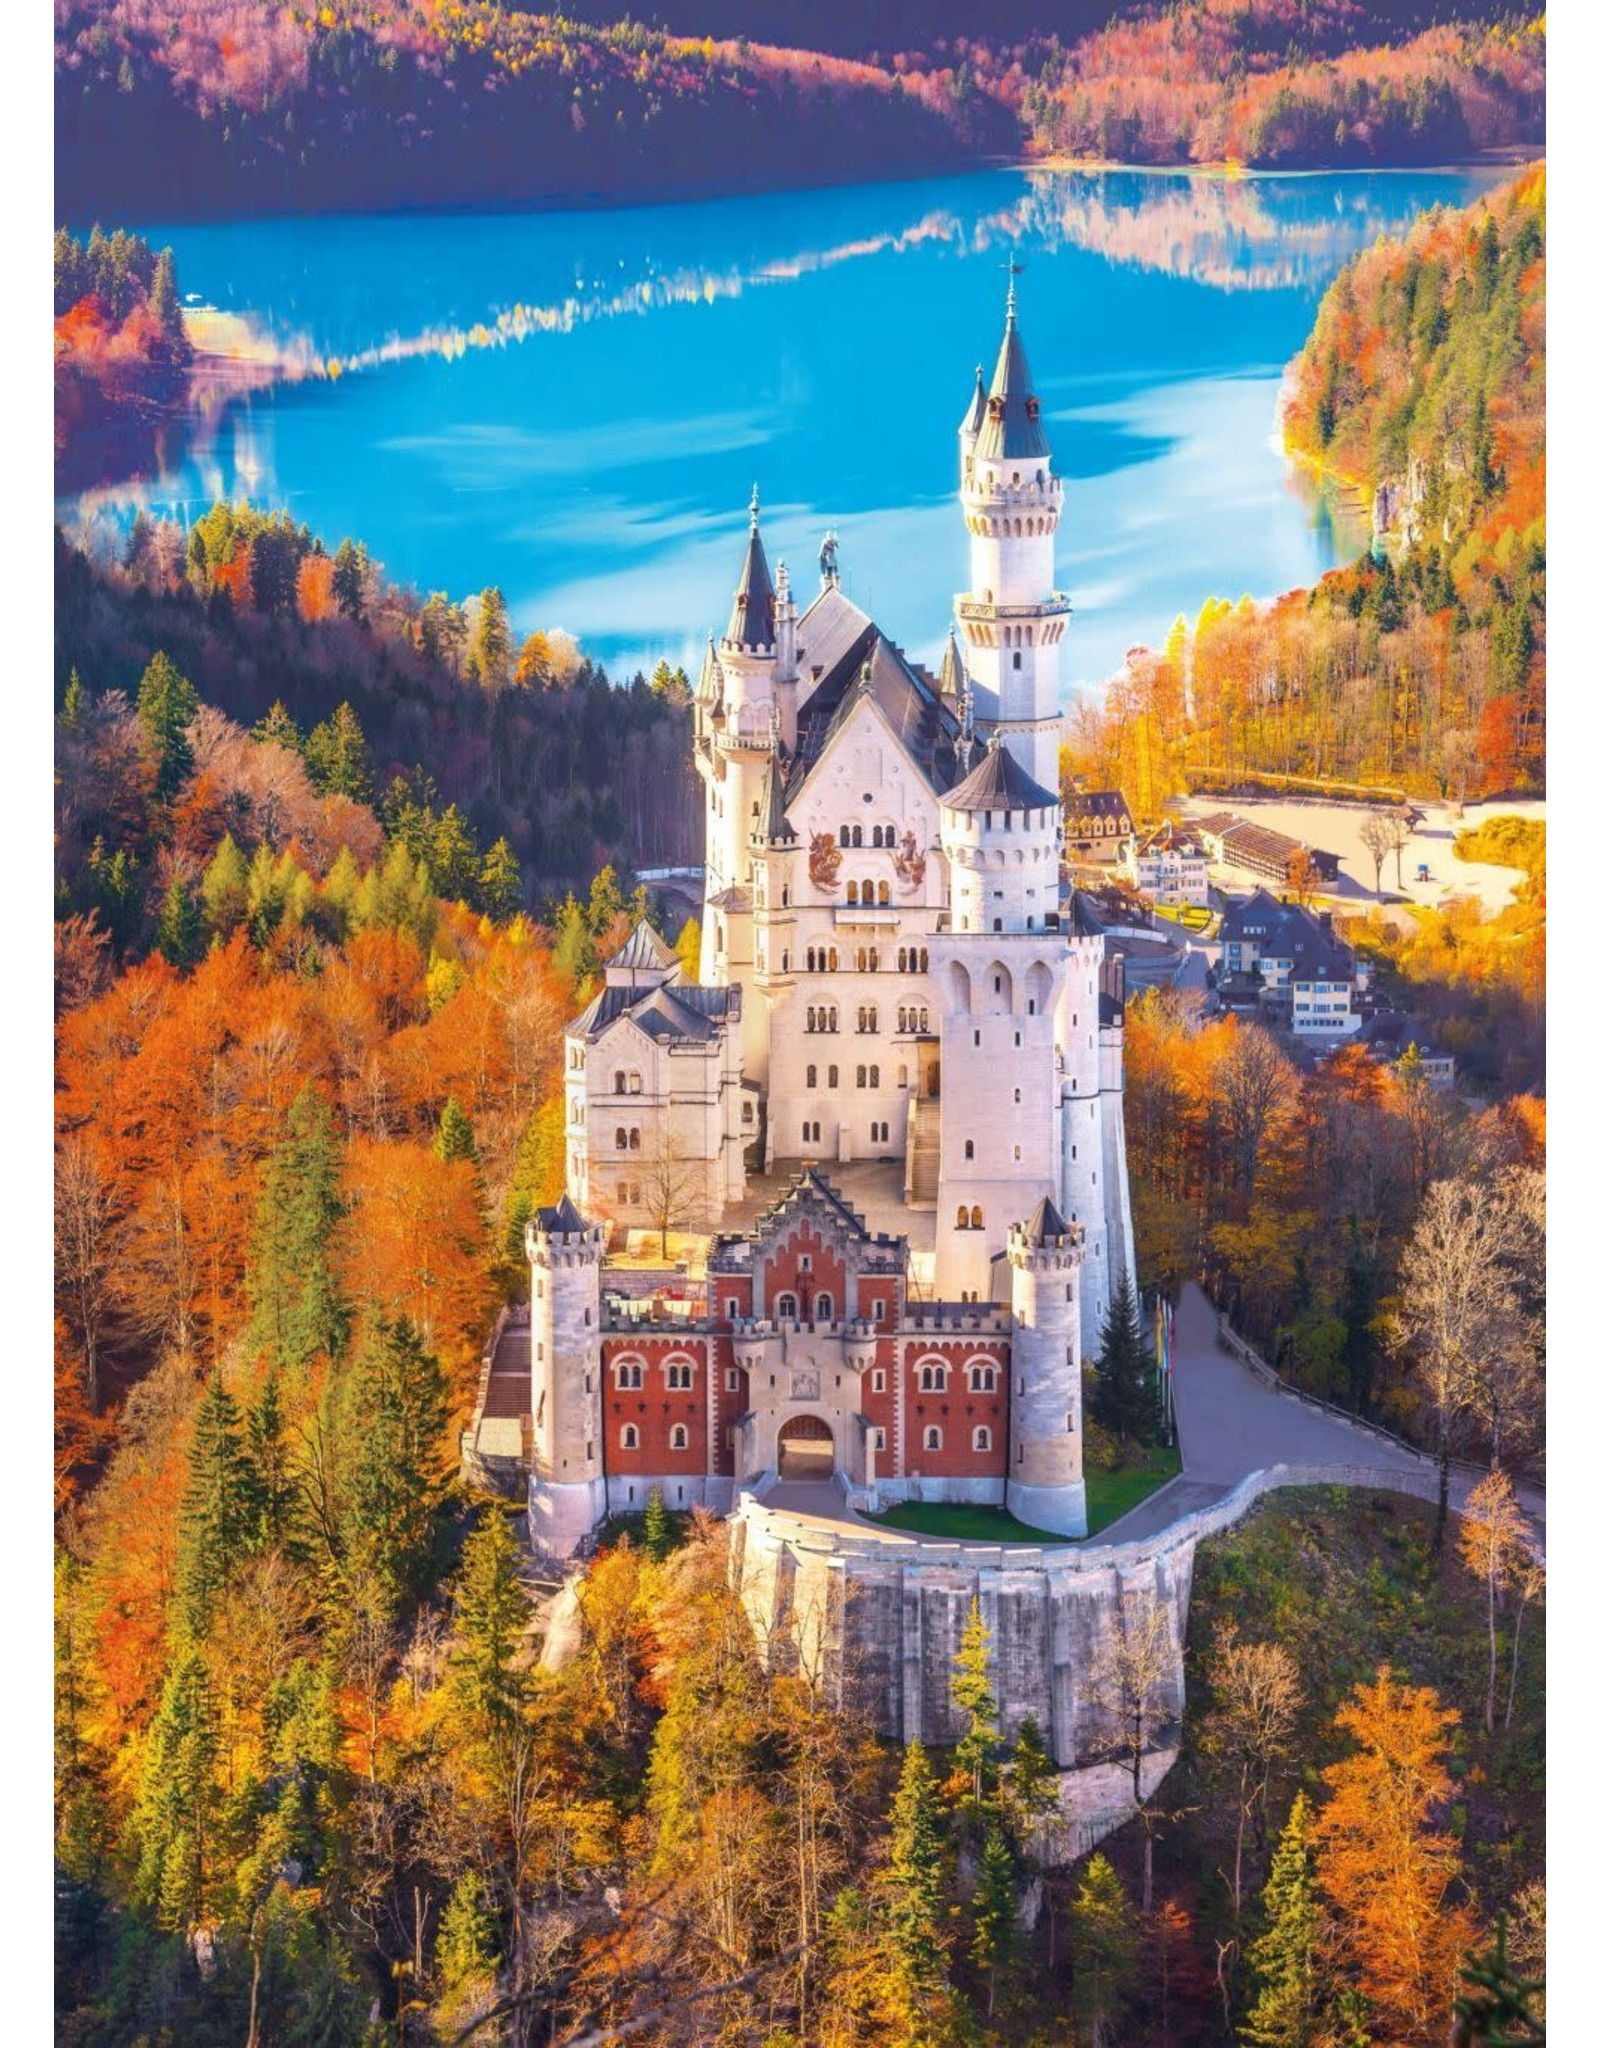 Clementoni Neuschwanstein Castle 1000pc Puzzle